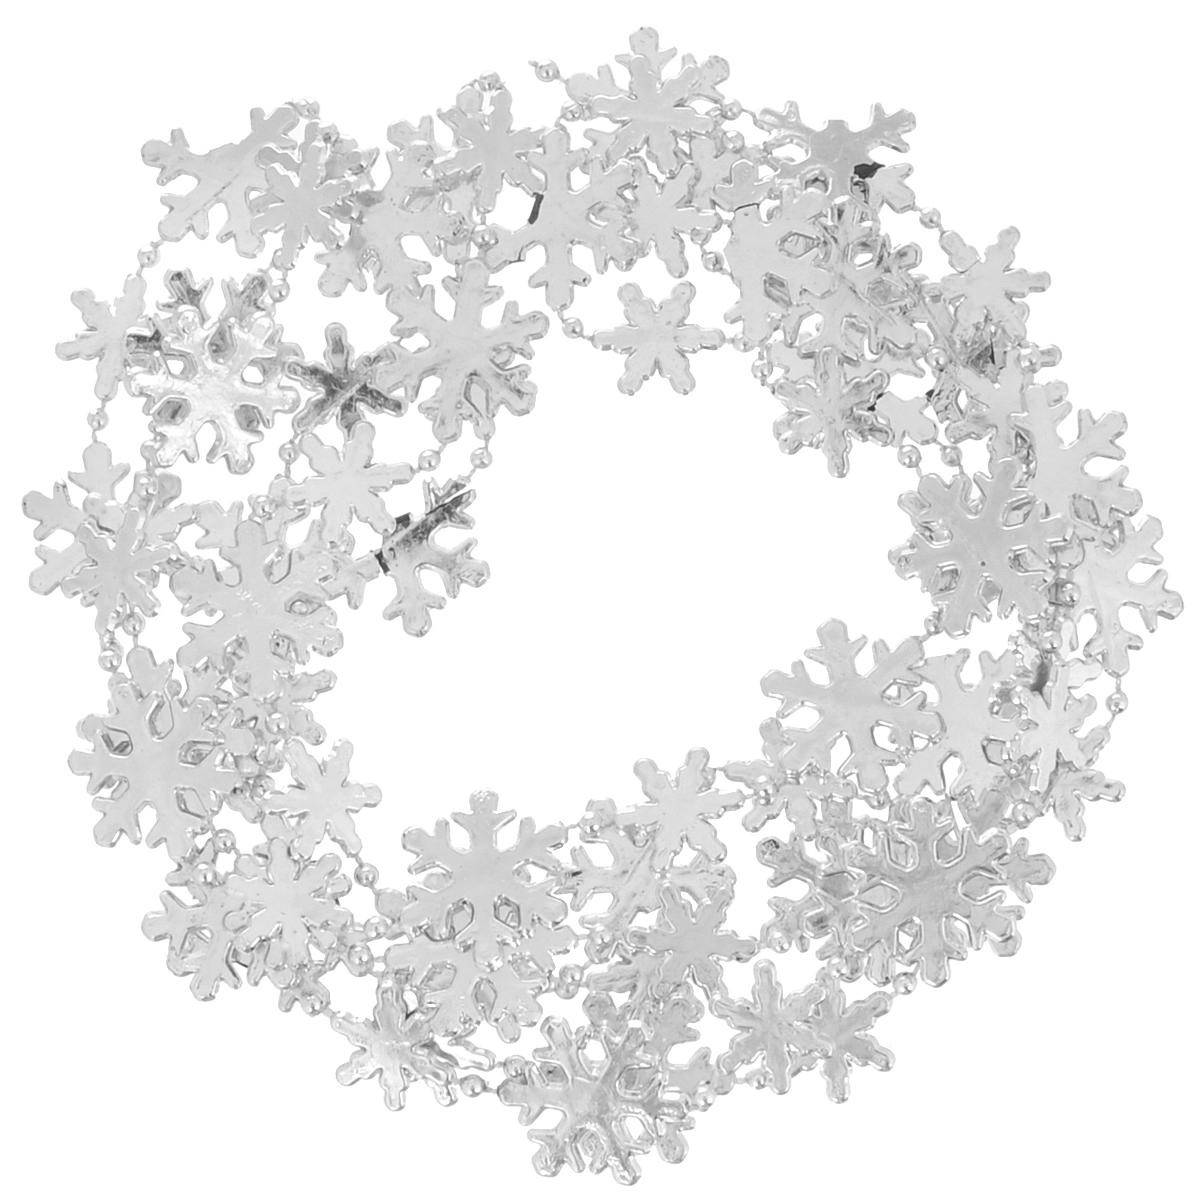 Новогодняя гирлянда Феникс-Презент Снежинки, цвет: серебристый, 2,7 м. 3496934969Новогодняя гирлянда Феникс-Презент Снежинки идеально подойдет для украшения новогодней ели или декорирования интерьера. Оригинальный дизайн и красочное исполнение создадут праздничное настроение.Новогодние украшения всегда несут в себе волшебство и красоту праздника. Создайте в своем доме атмосферу тепла, веселья и радости, украшаяего всей семьей.